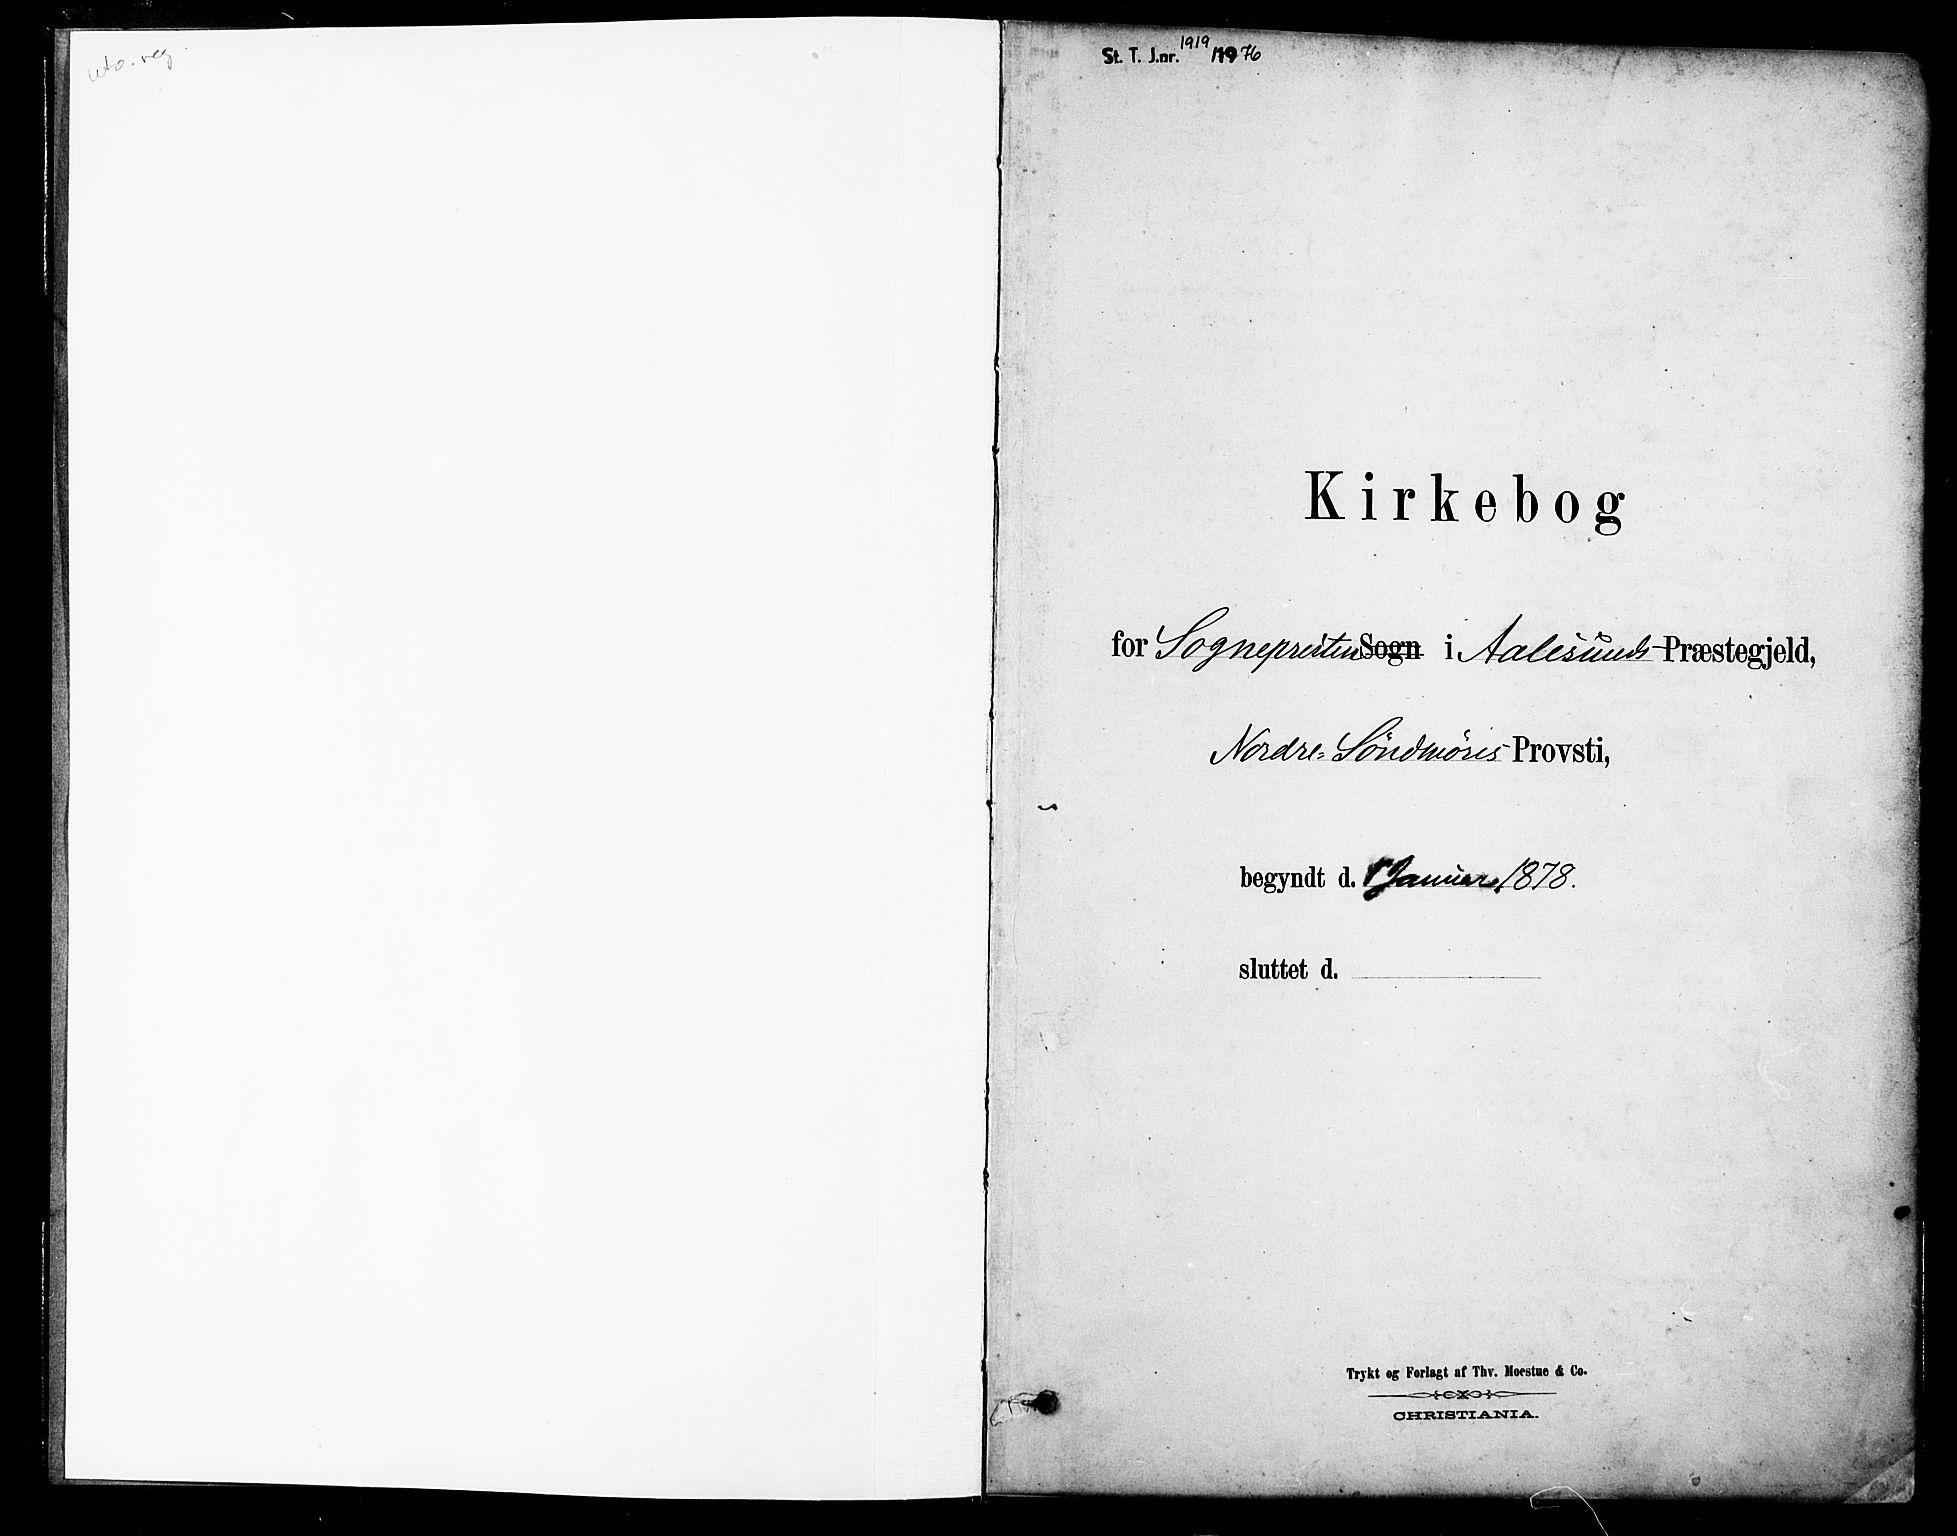 SAT, Ministerialprotokoller, klokkerbøker og fødselsregistre - Møre og Romsdal, 529/L0454: Ministerialbok nr. 529A04, 1878-1885